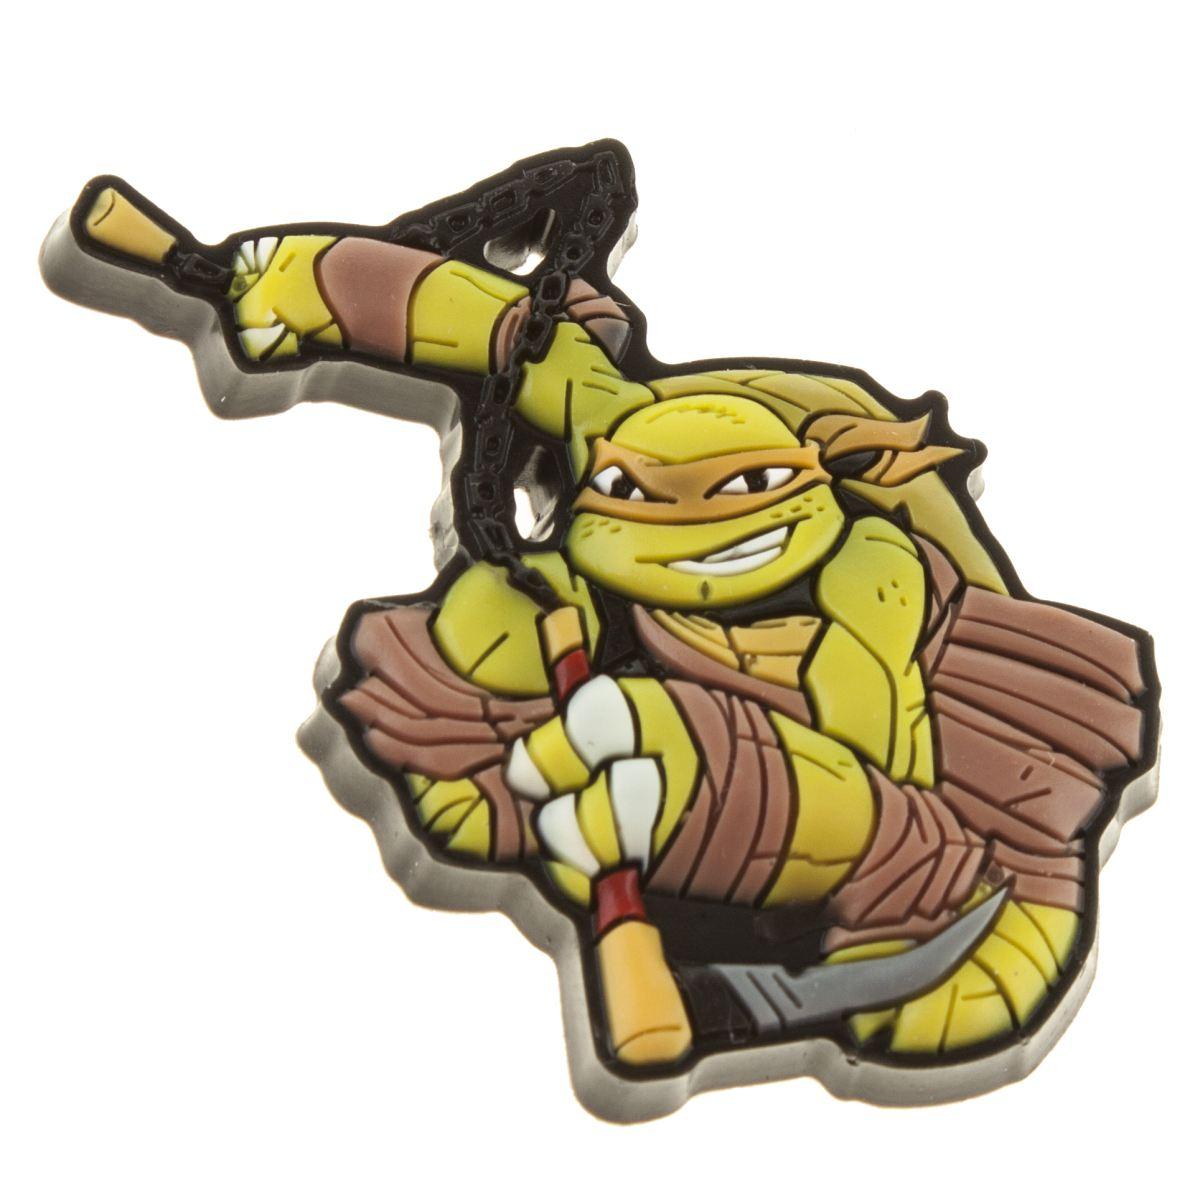 jibbitz Jibbitz Green Ninja Turtles Michelangelo Shoe Accessories